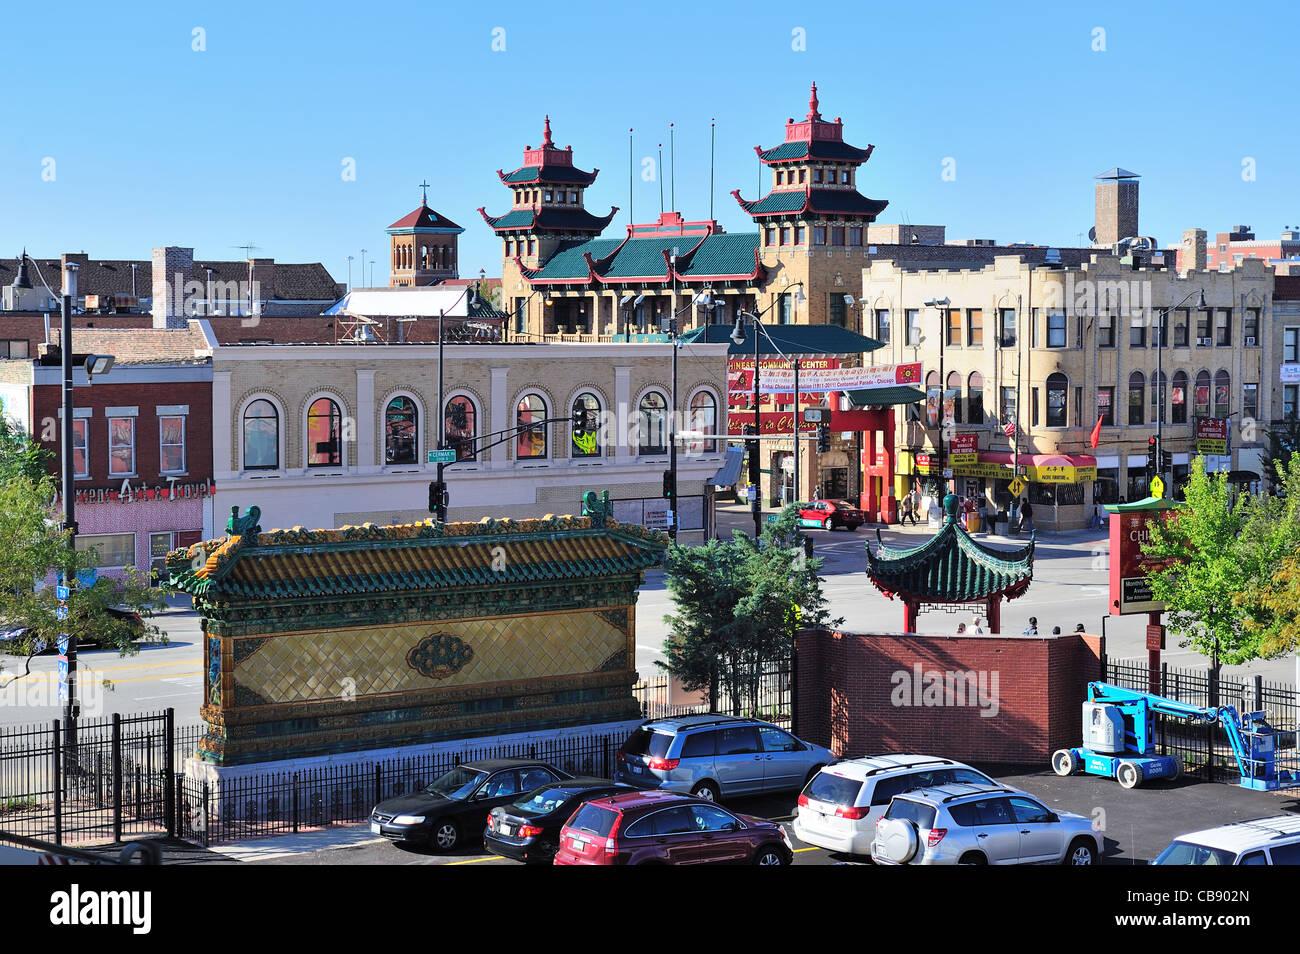 Chicago chinatown street stockfoto lizenzfreies bild for Chinatown mural chicago